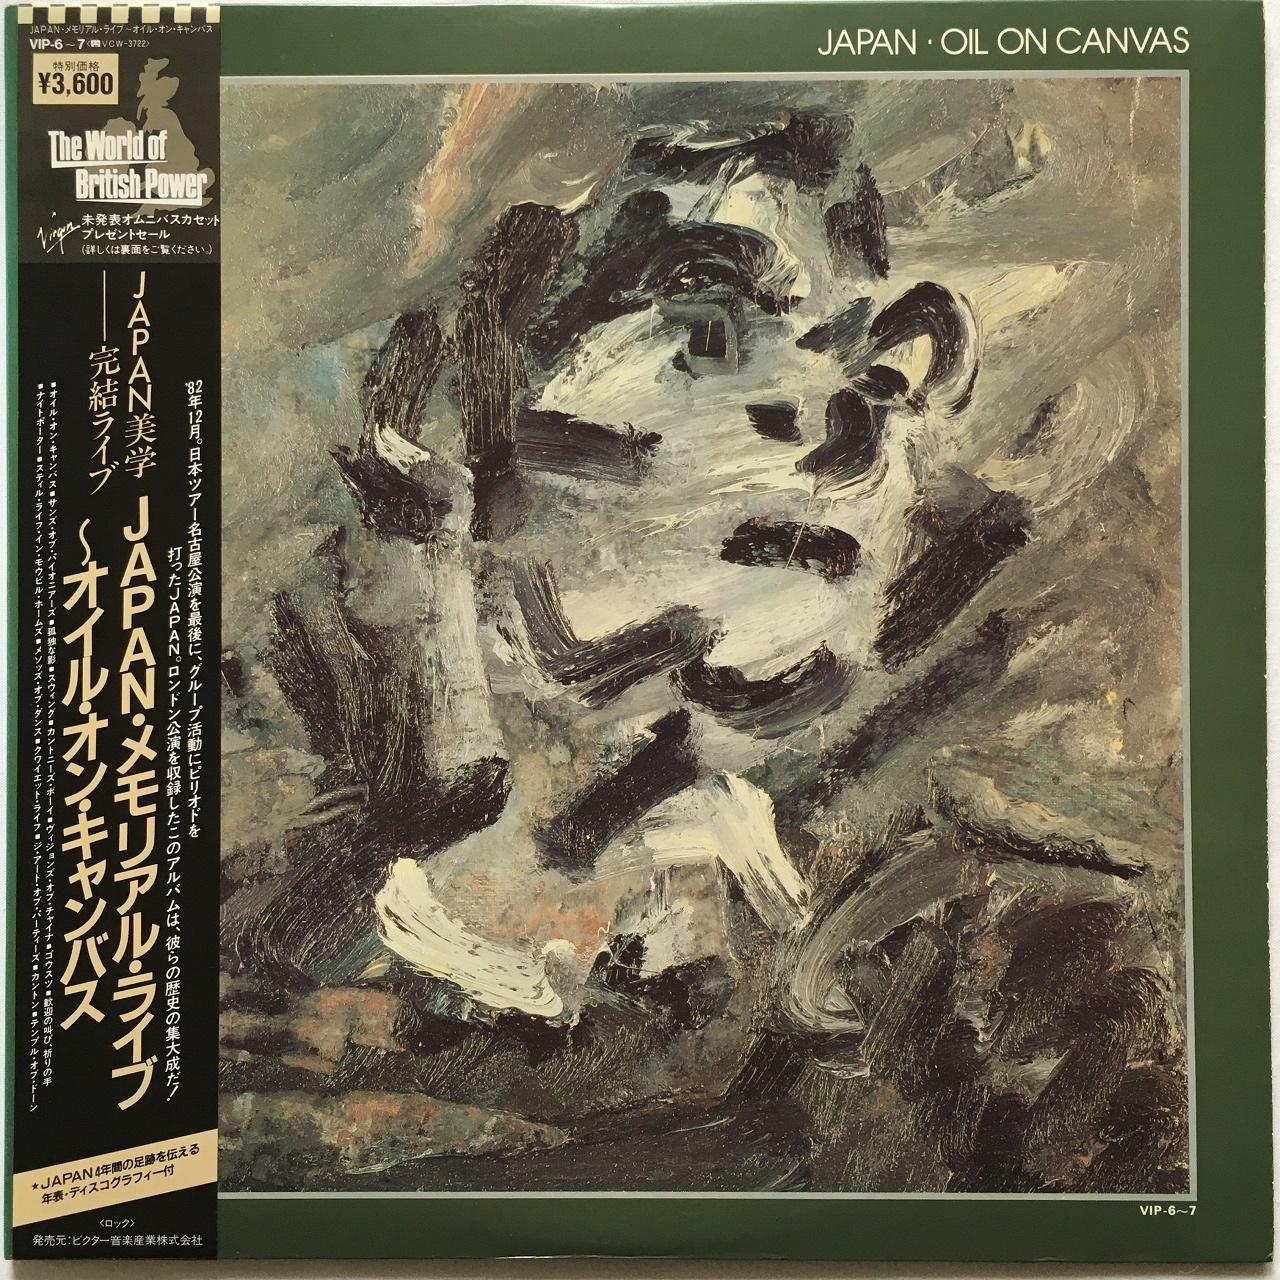 【LP・国内盤】ジャパン / JAPAN・メモリアル・ライブ ~ オイル・オン・キャンバス